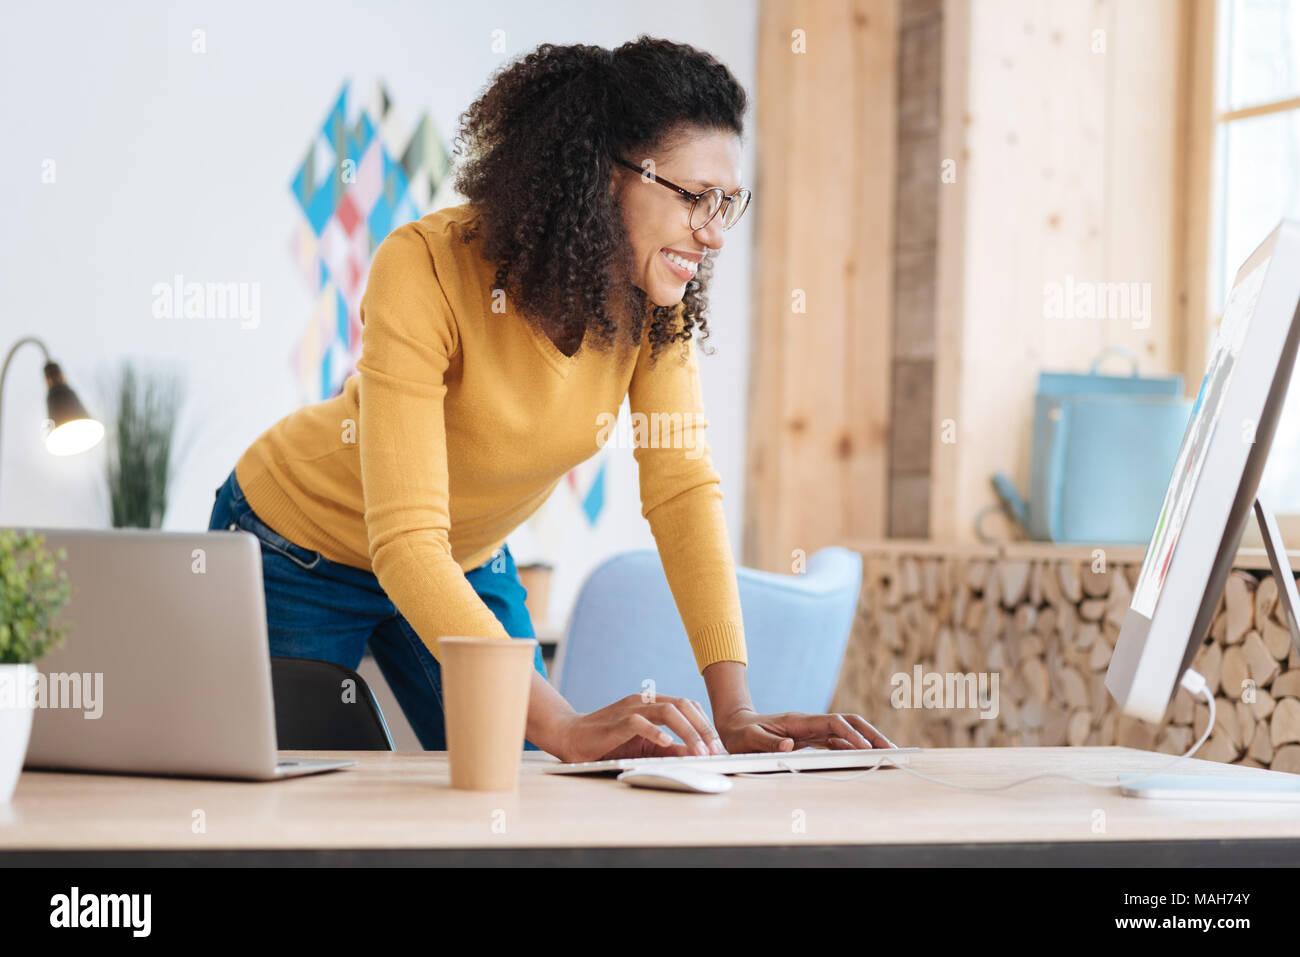 Alegre mujer trabajando en su proyecto Imagen De Stock